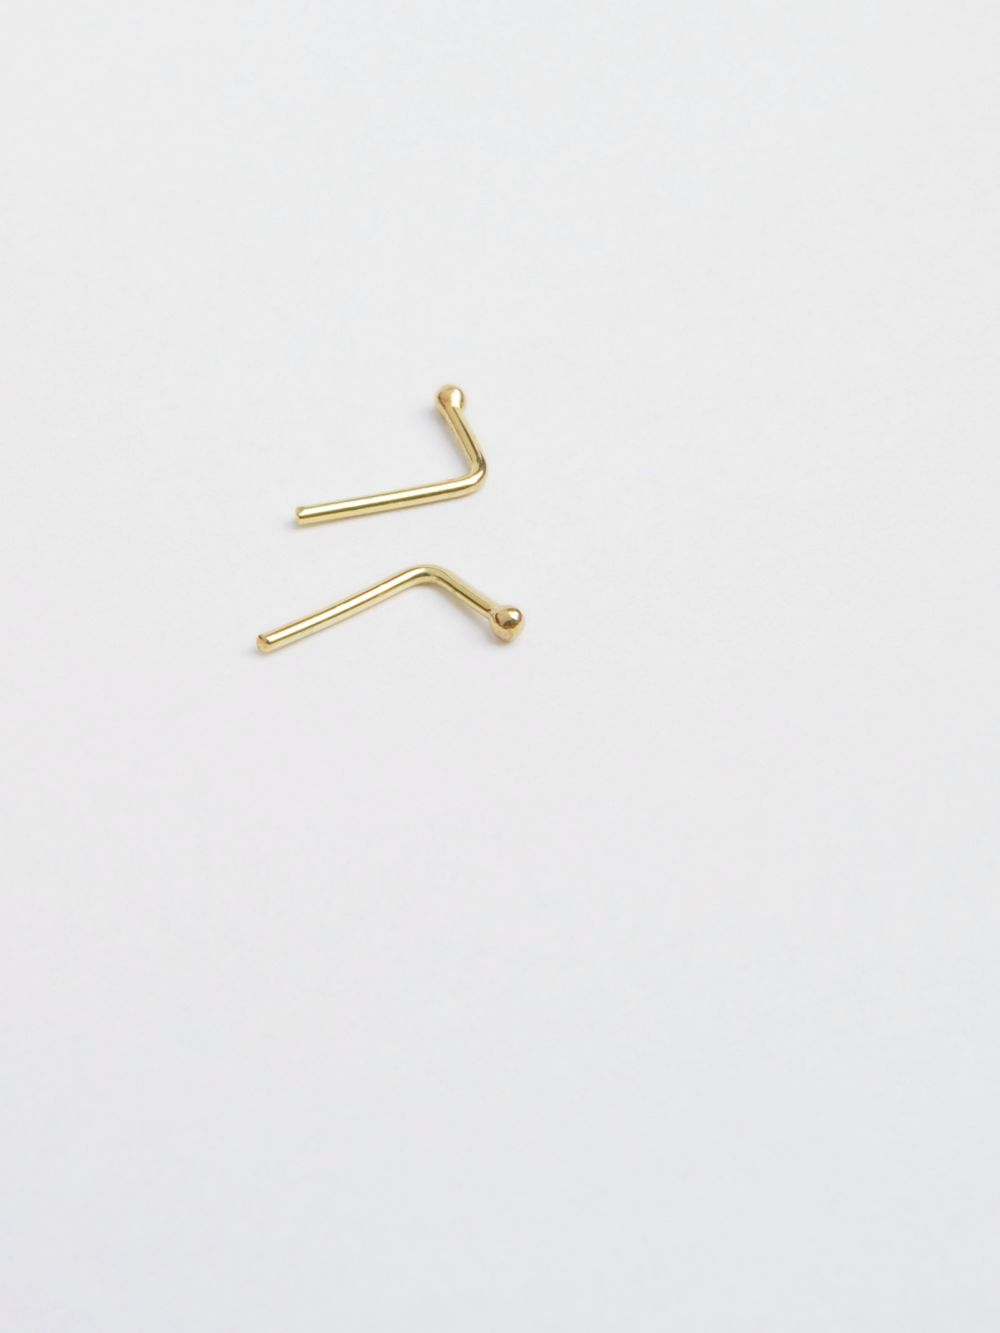 anna ławska biżuteria1